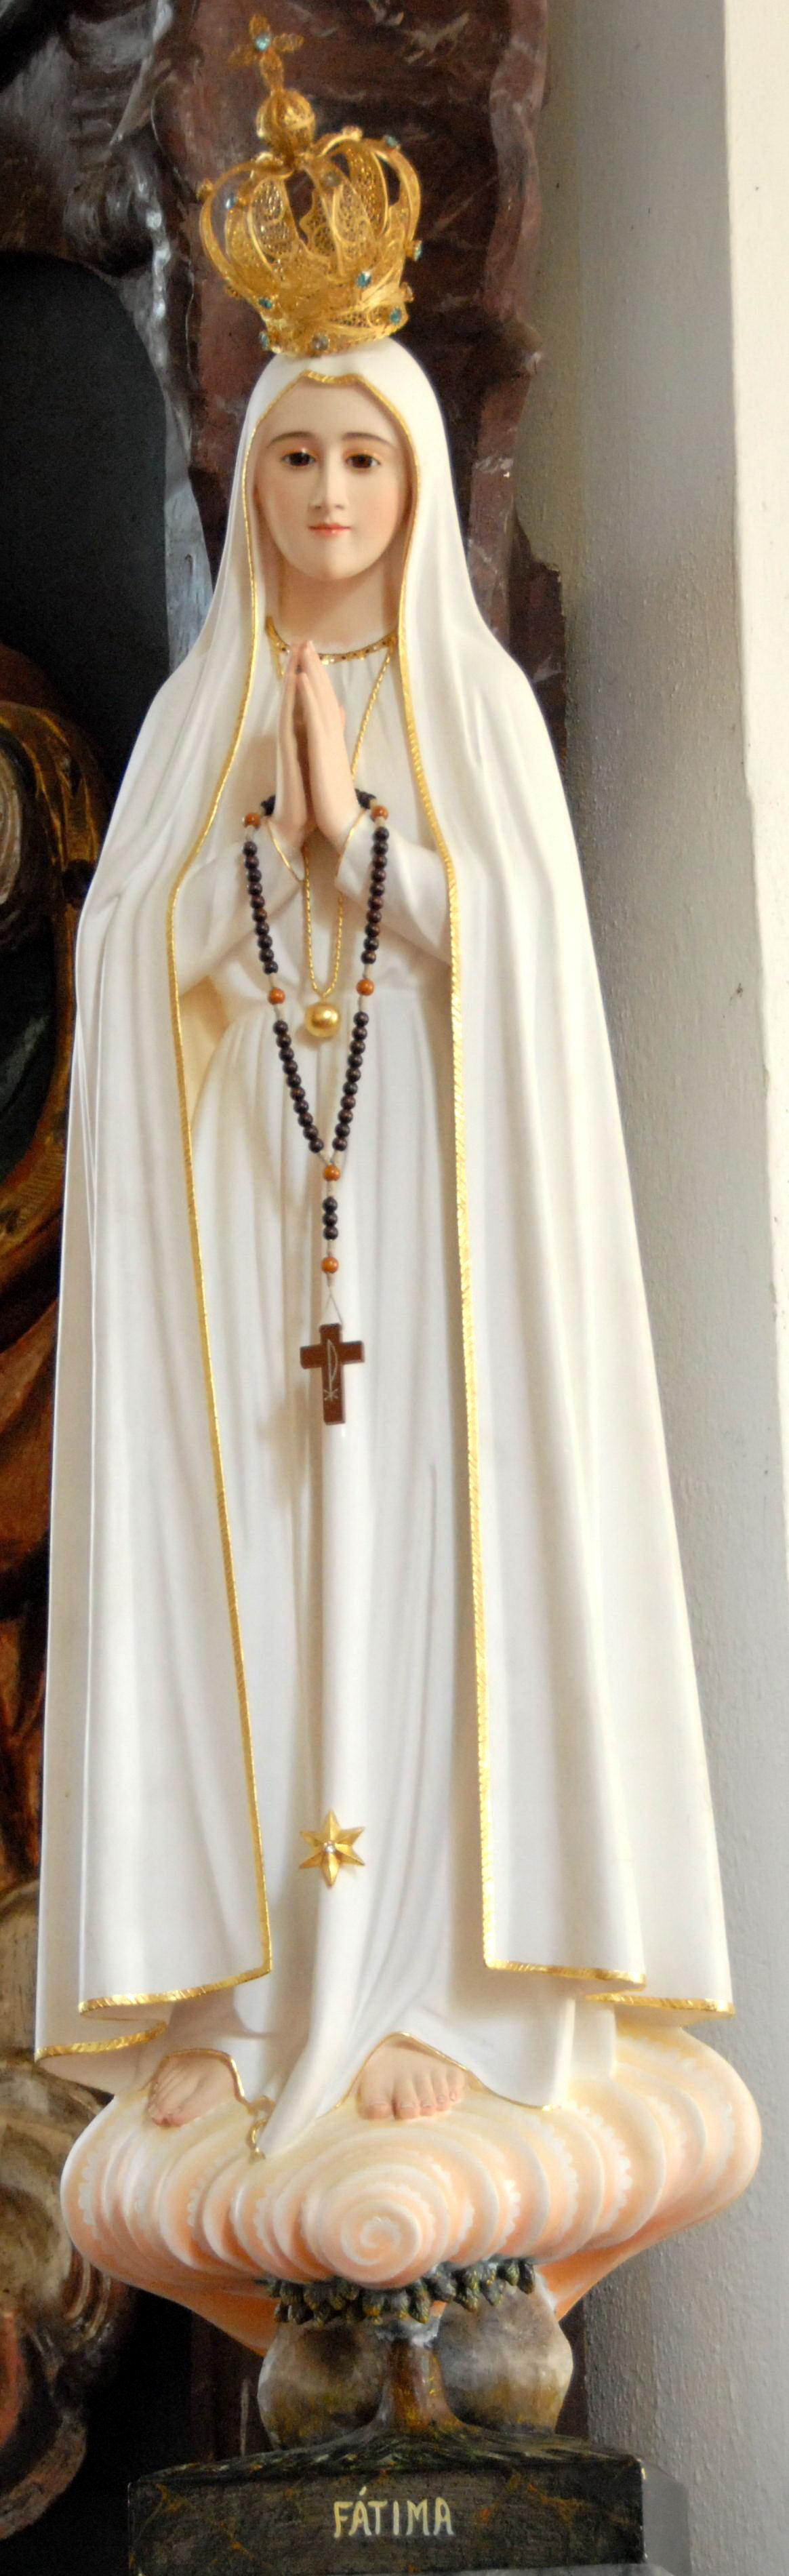 Di Madonna La Fatima Ilgiornale PortogalloProfanata it dCBexroW